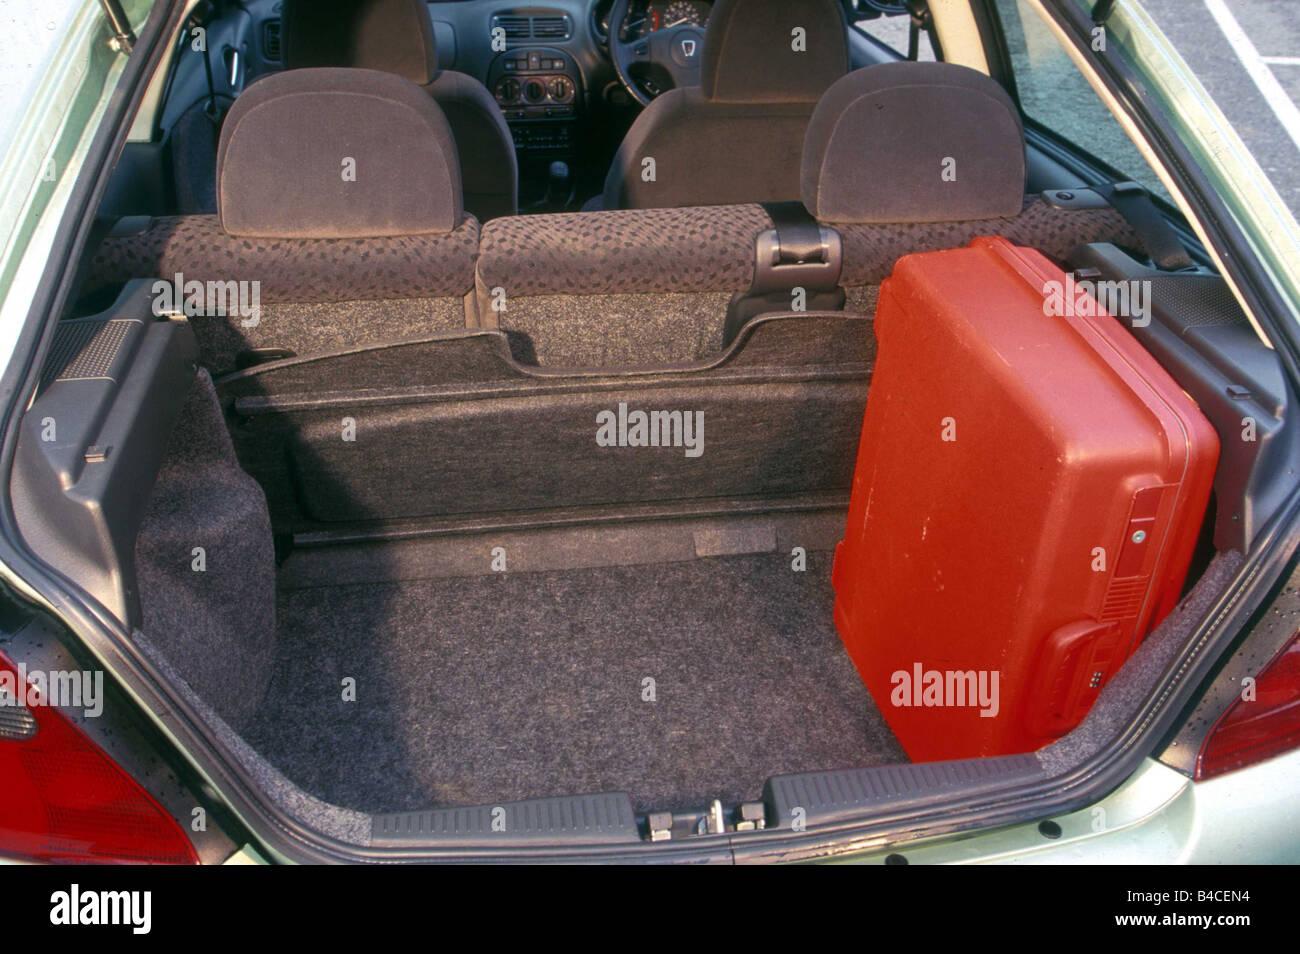 Coche, el Rover 25 2.0 iDT, Limousine, pequeñas aprox., modelo del año 2000-, la luz verde metálico, vista en el Foto de stock